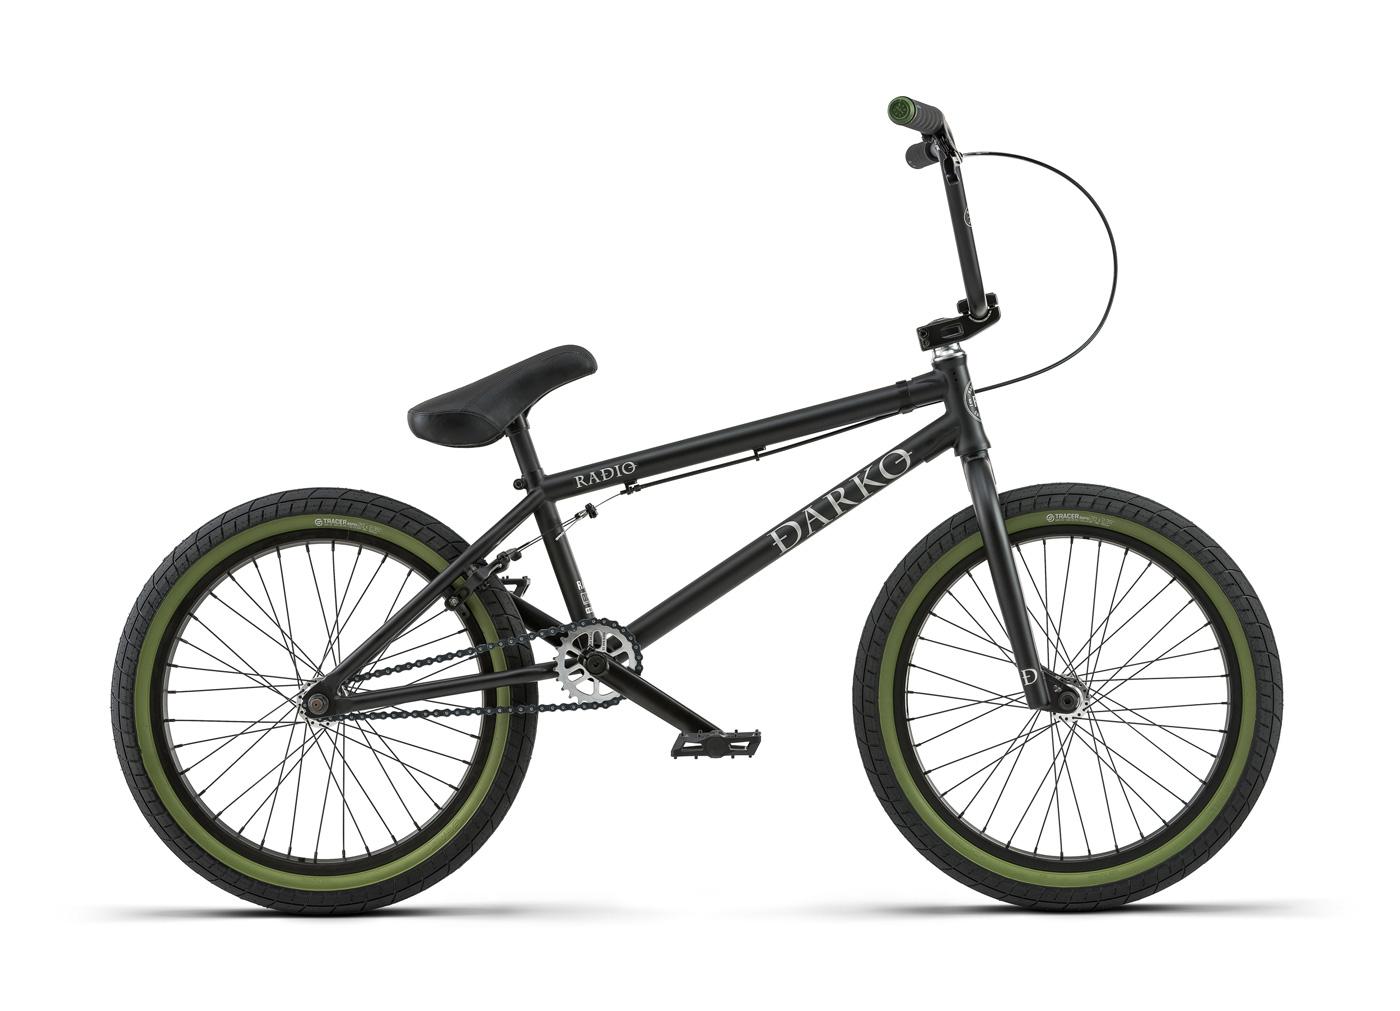 Radio Bikes 2018 Darko Complete BMX BIke